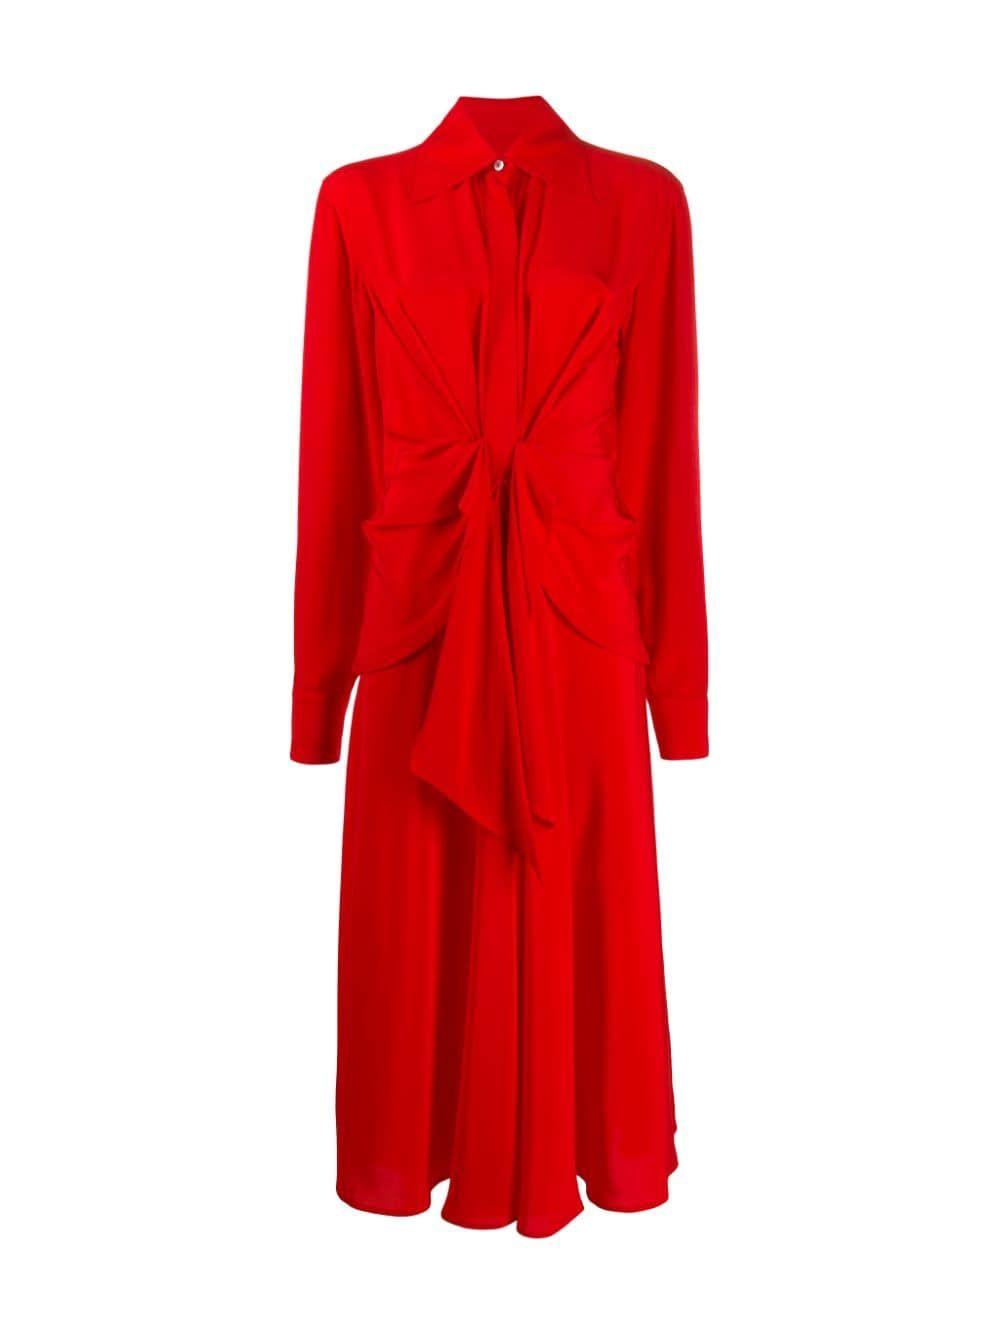 Victoria Beckham Tie Waist Shirt Dress Victoriabeckham Cloth Red Shirt Dress Tie Waist Shirt Dress Dresses [ 1333 x 1000 Pixel ]